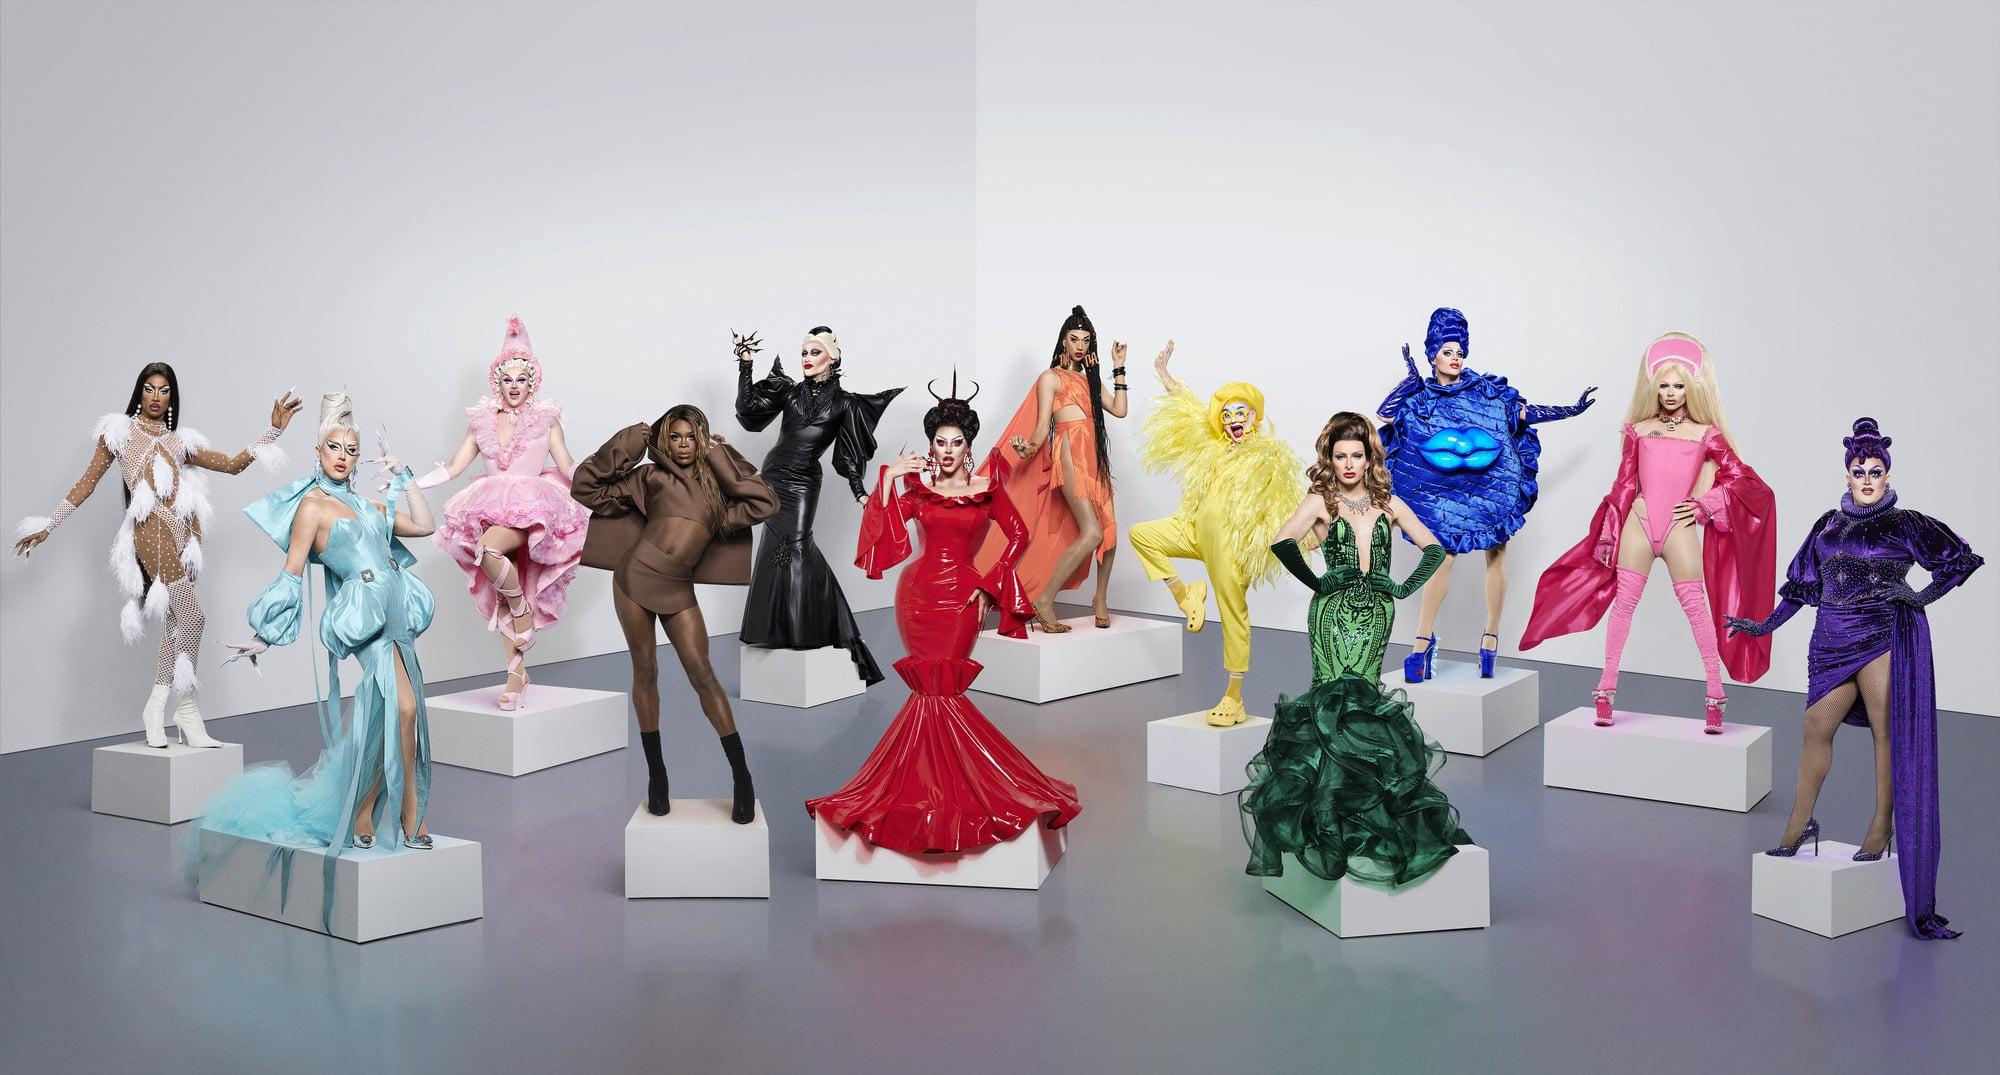 هشدار: برای انتشار تا ساعت 09:00:00 در تاریخ 16/12/2020 آماده شده است - نام برنامه: RuPaul's Drag Race UK UK 2 - TX: n / a - قسمت: RuPaul's Drag Race UK UK 2 سری (شماره n / a) - نمایش های تصویری: Tayce، A'Whora، Ellie Diamond، Asttina Mandella، Jo Black، Cherry Valentine، Tia Kofi، Ginny Lemon، Veronica Green، Sister Sister، Bimini Bon Boulash، Lawrence Chaney - (C) World of Wonder - عکاس: ری بورمیستون